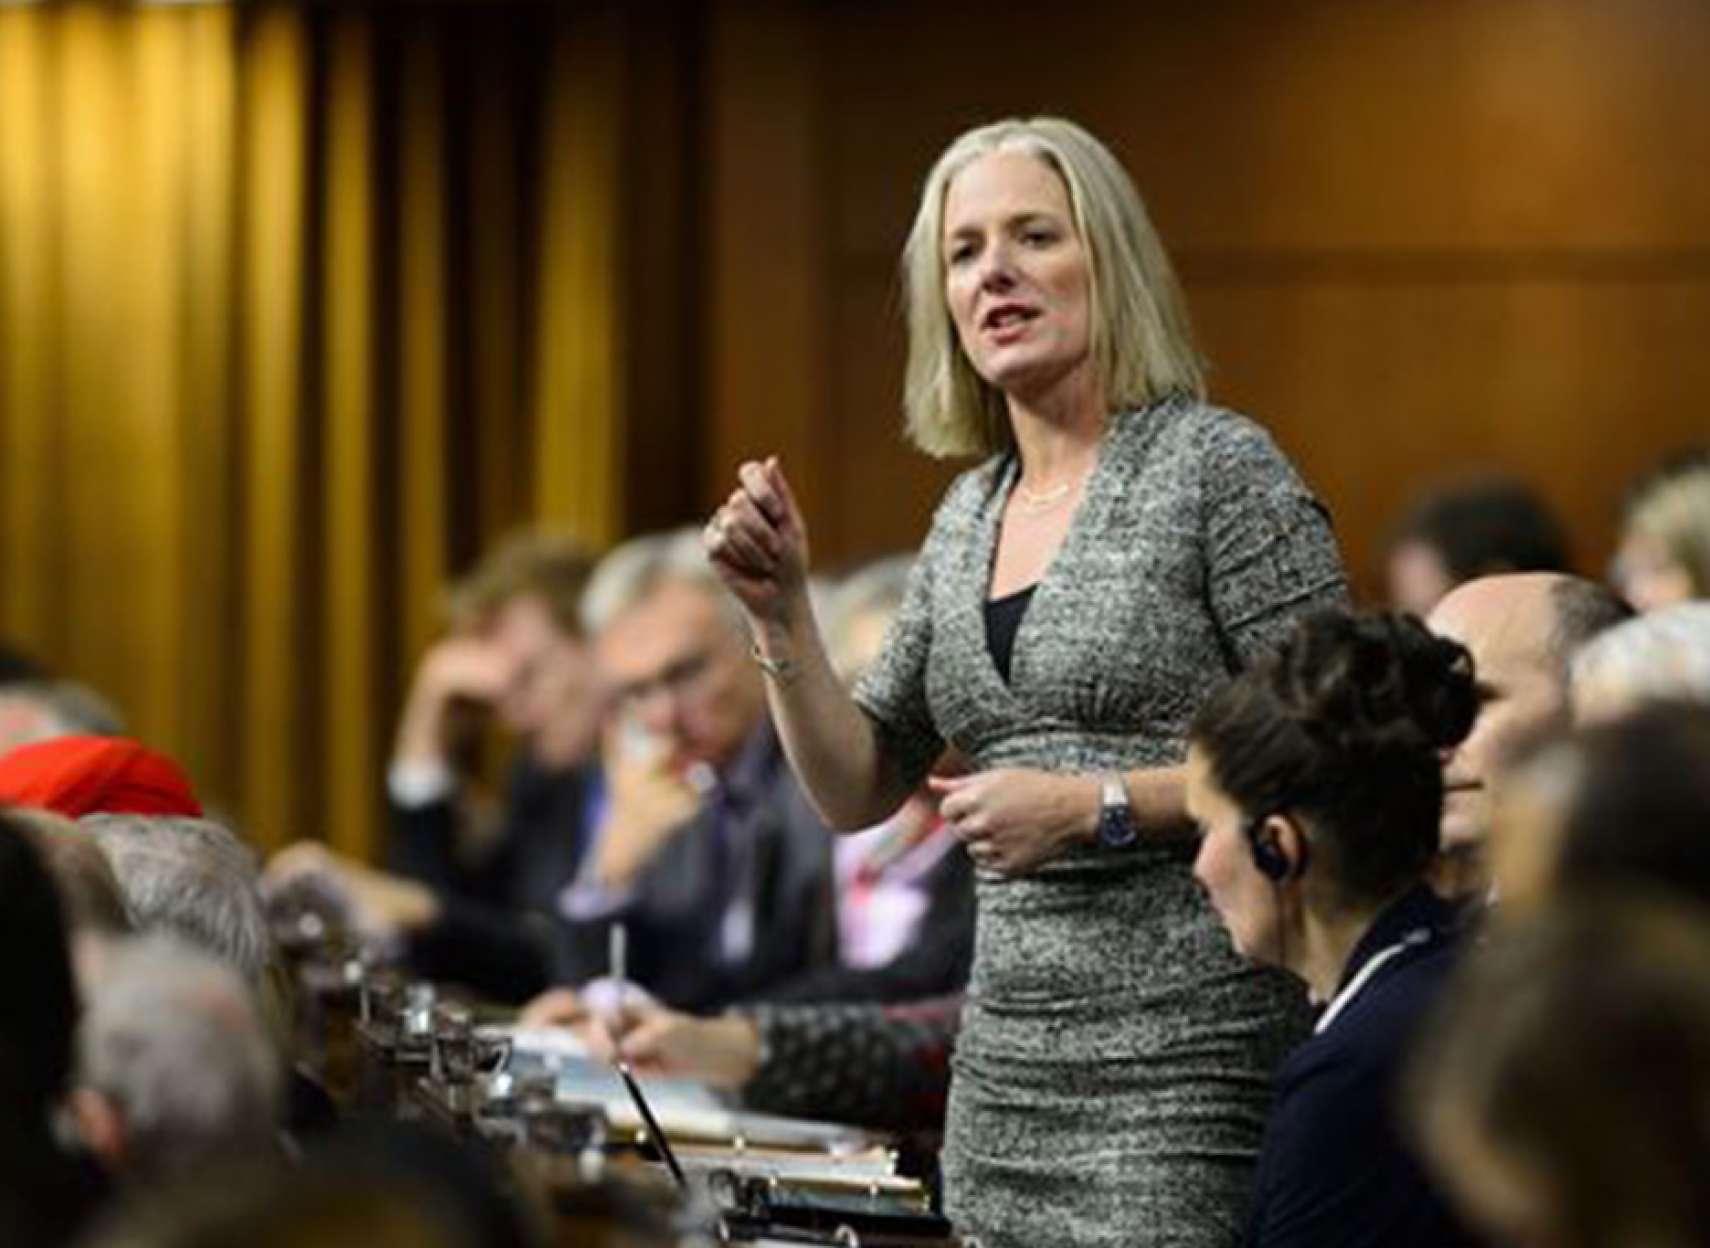 اخبار-کانادا-وزیر-محیط-زیست-کانادا-تهدید-به-مرگ-شد